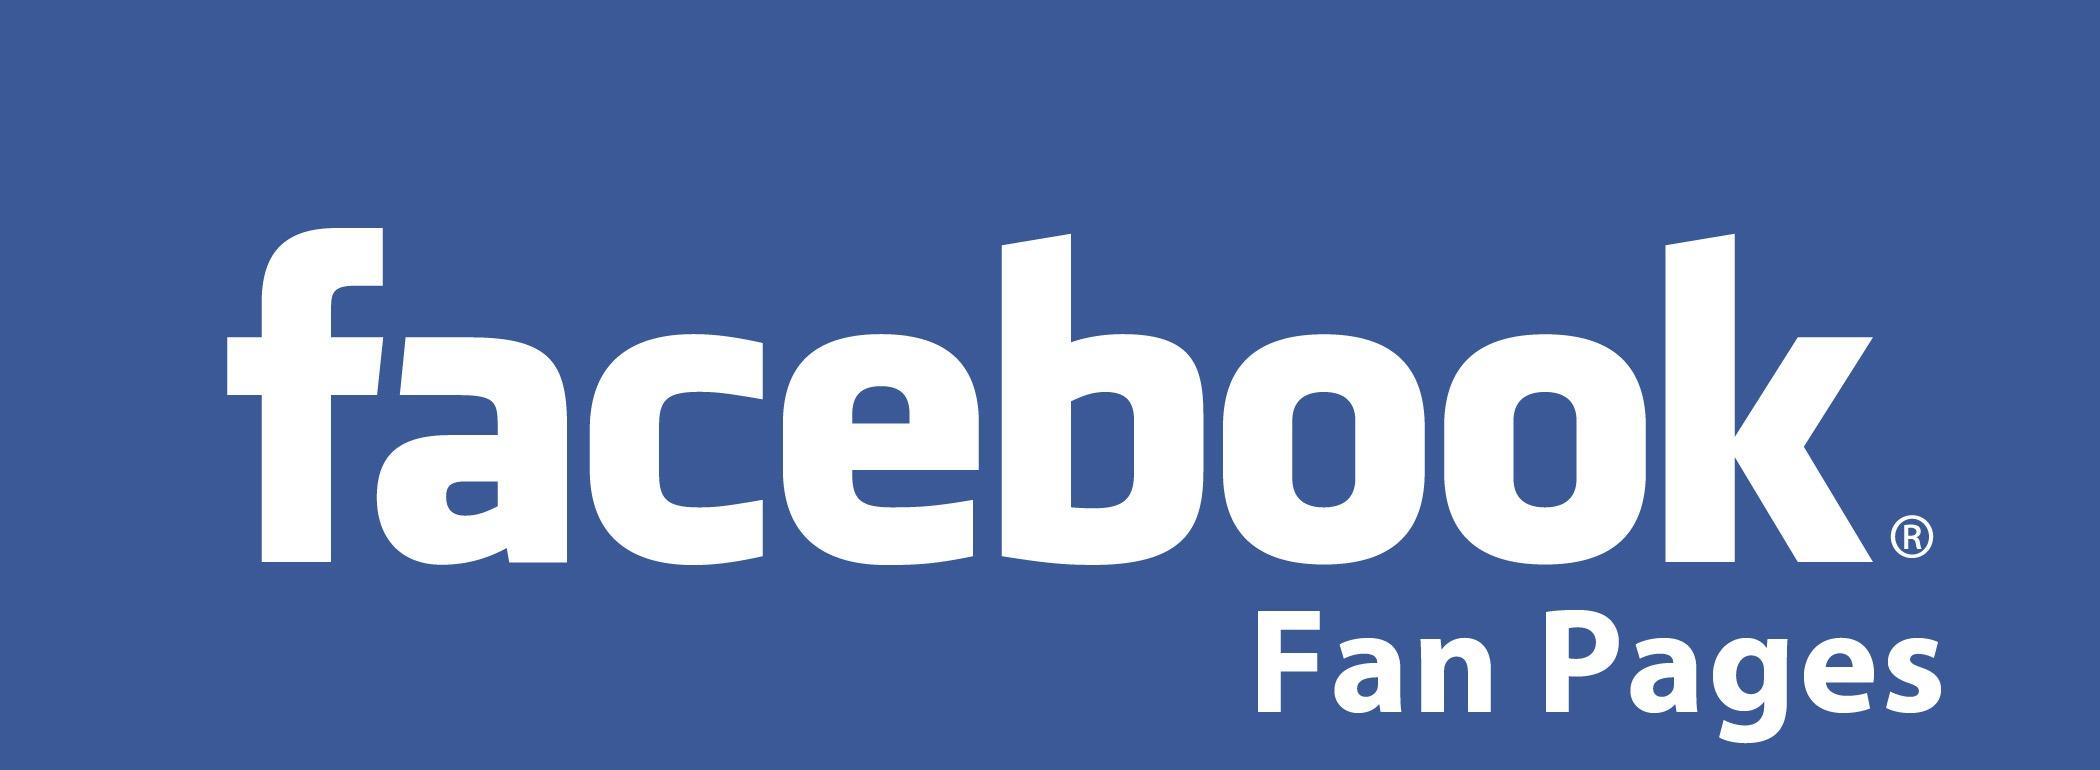 Errores frecuentes en páginas de Facebook